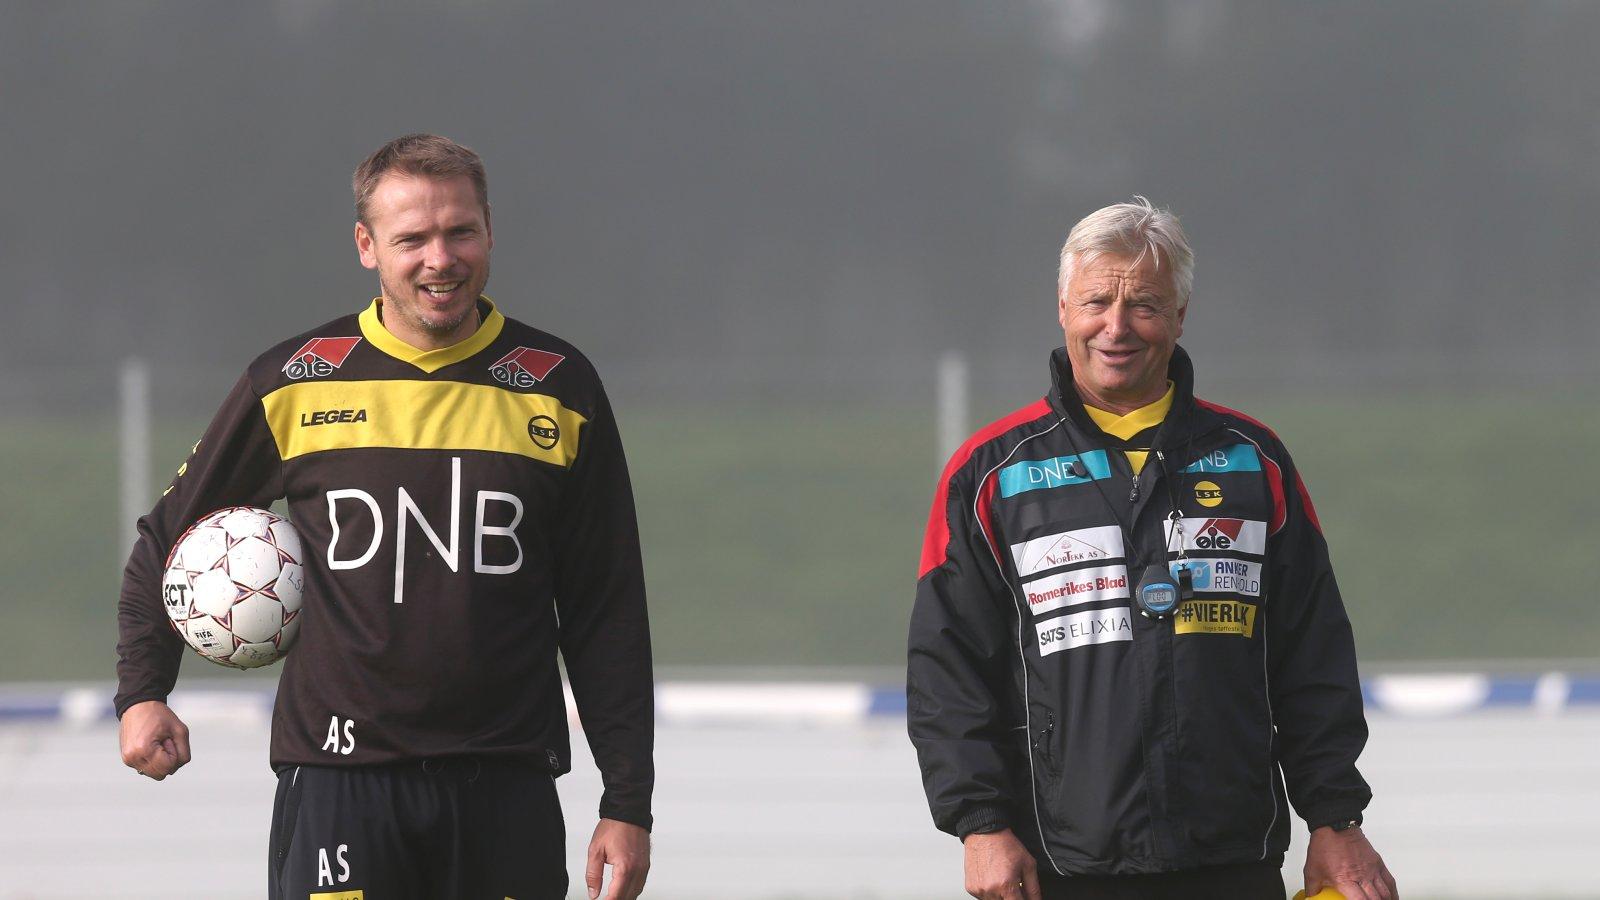 Arild Sundgot og Arne Erlandsen